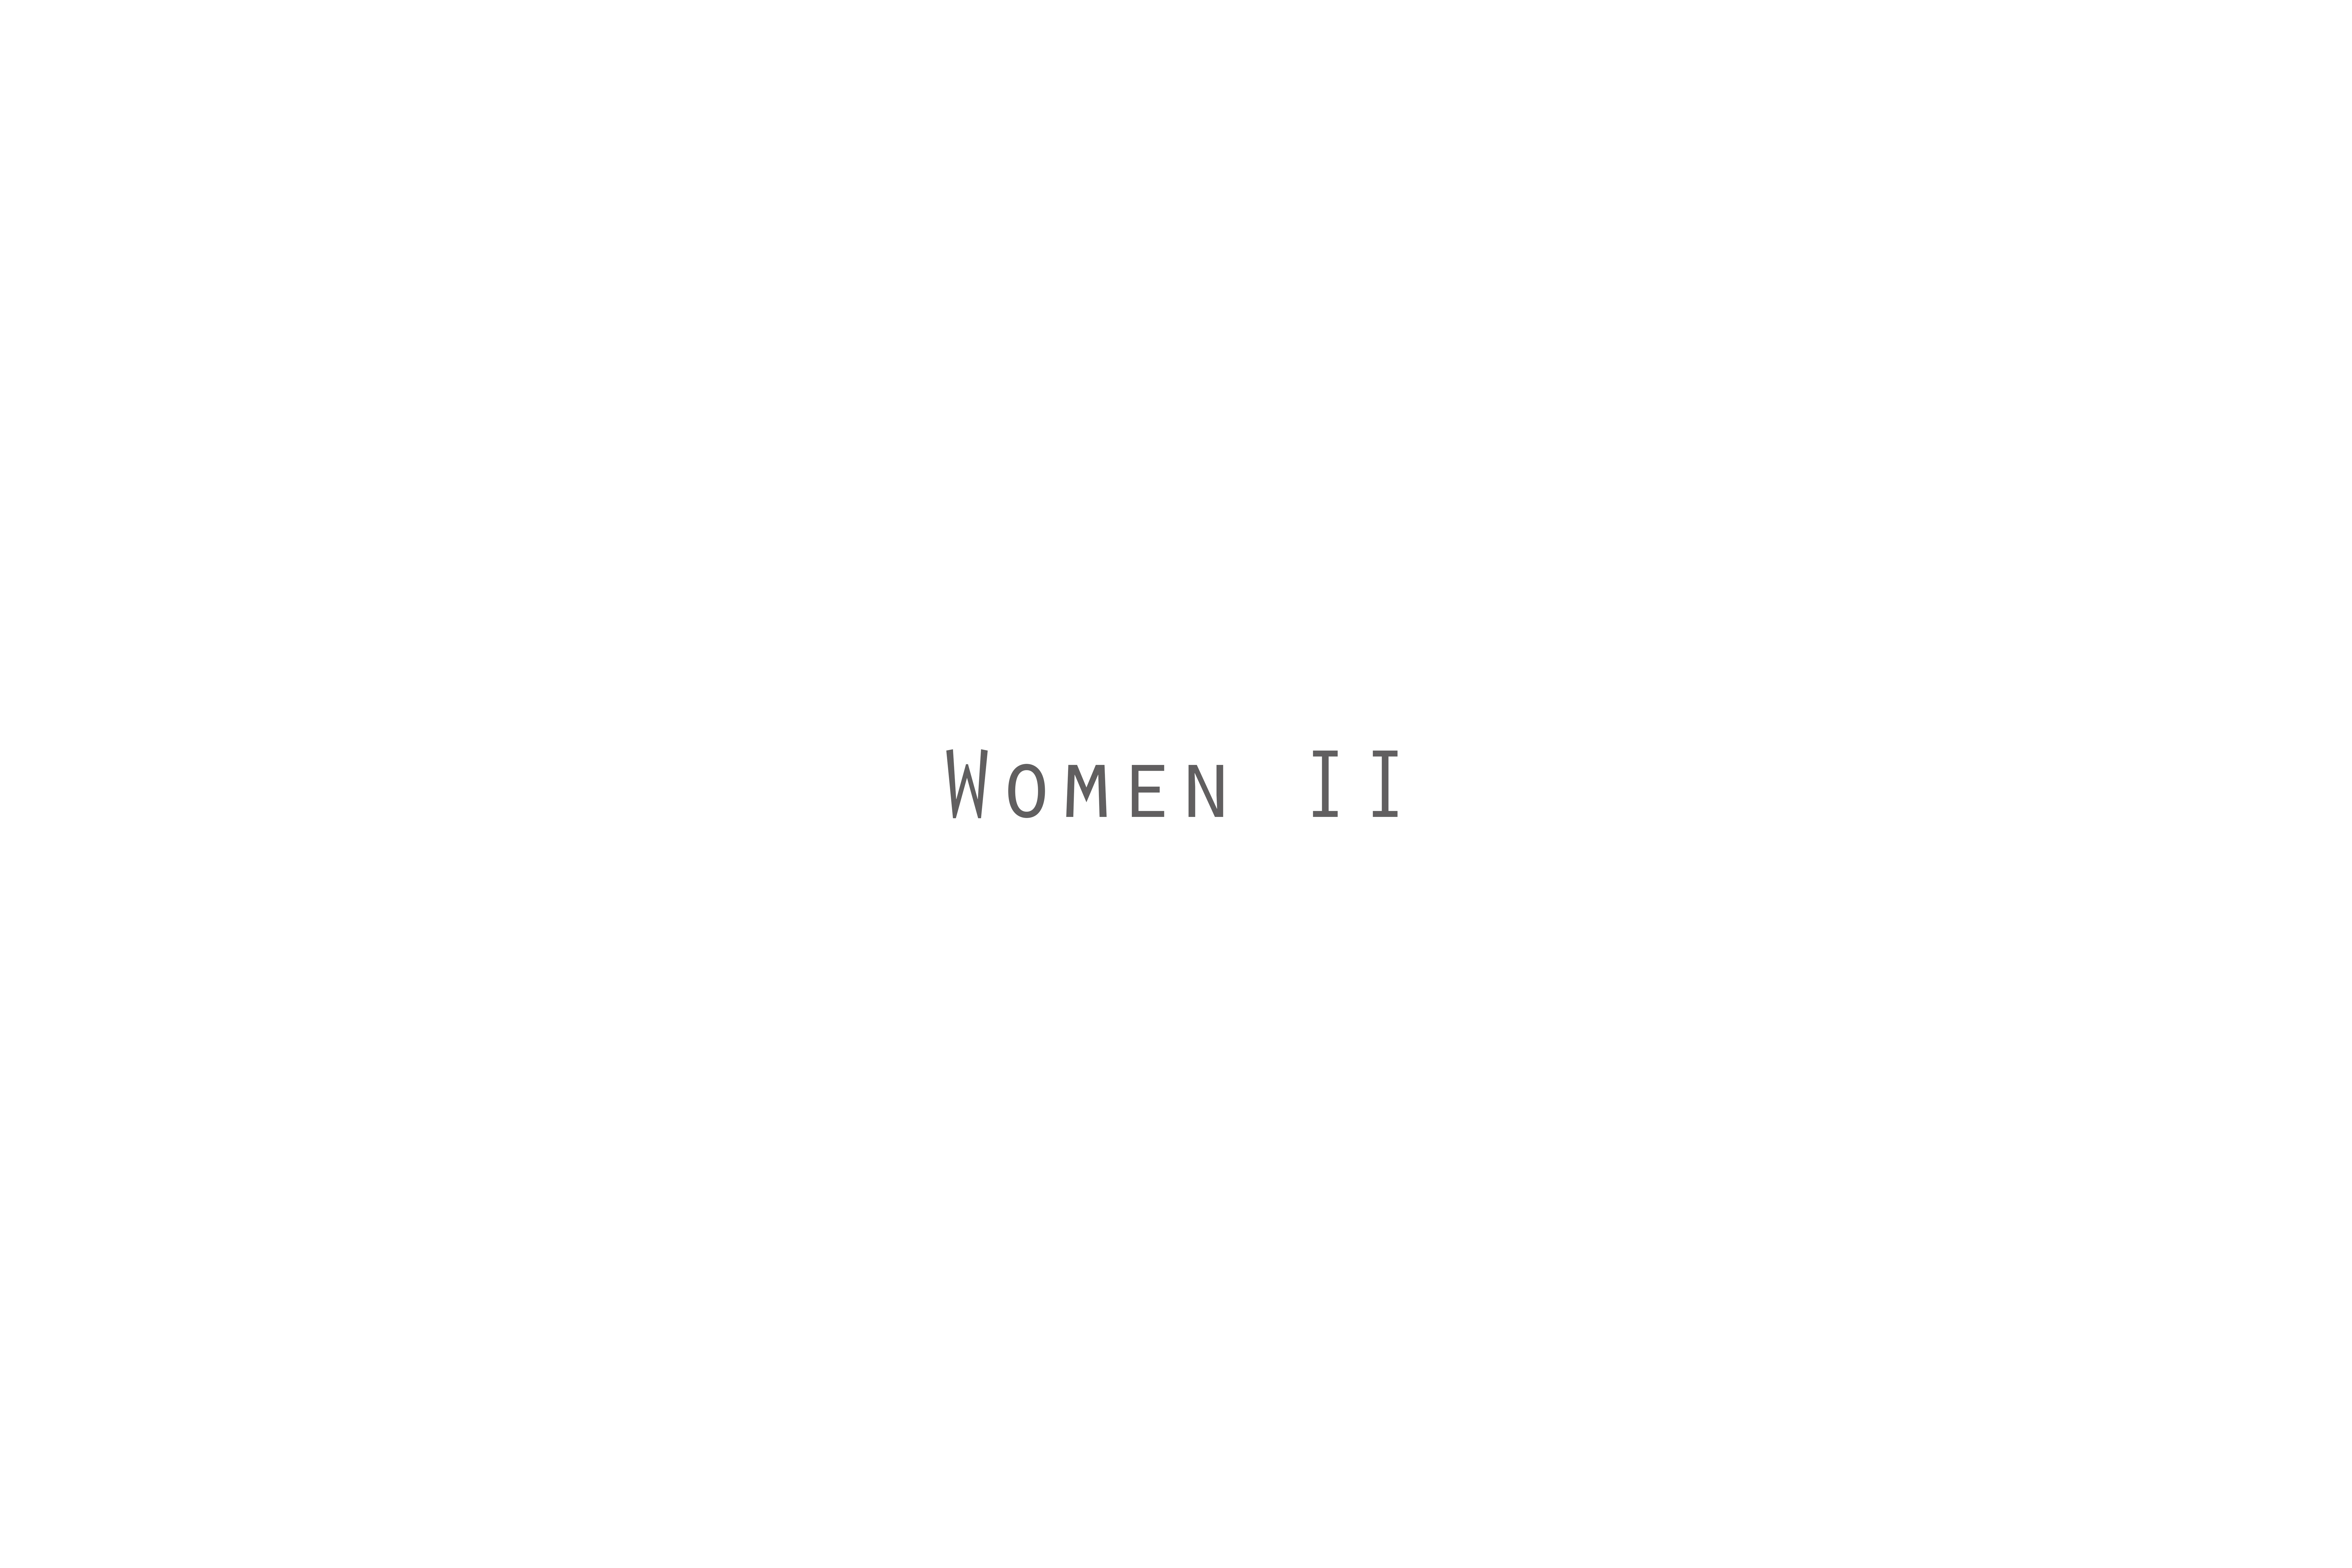 WOMEN II